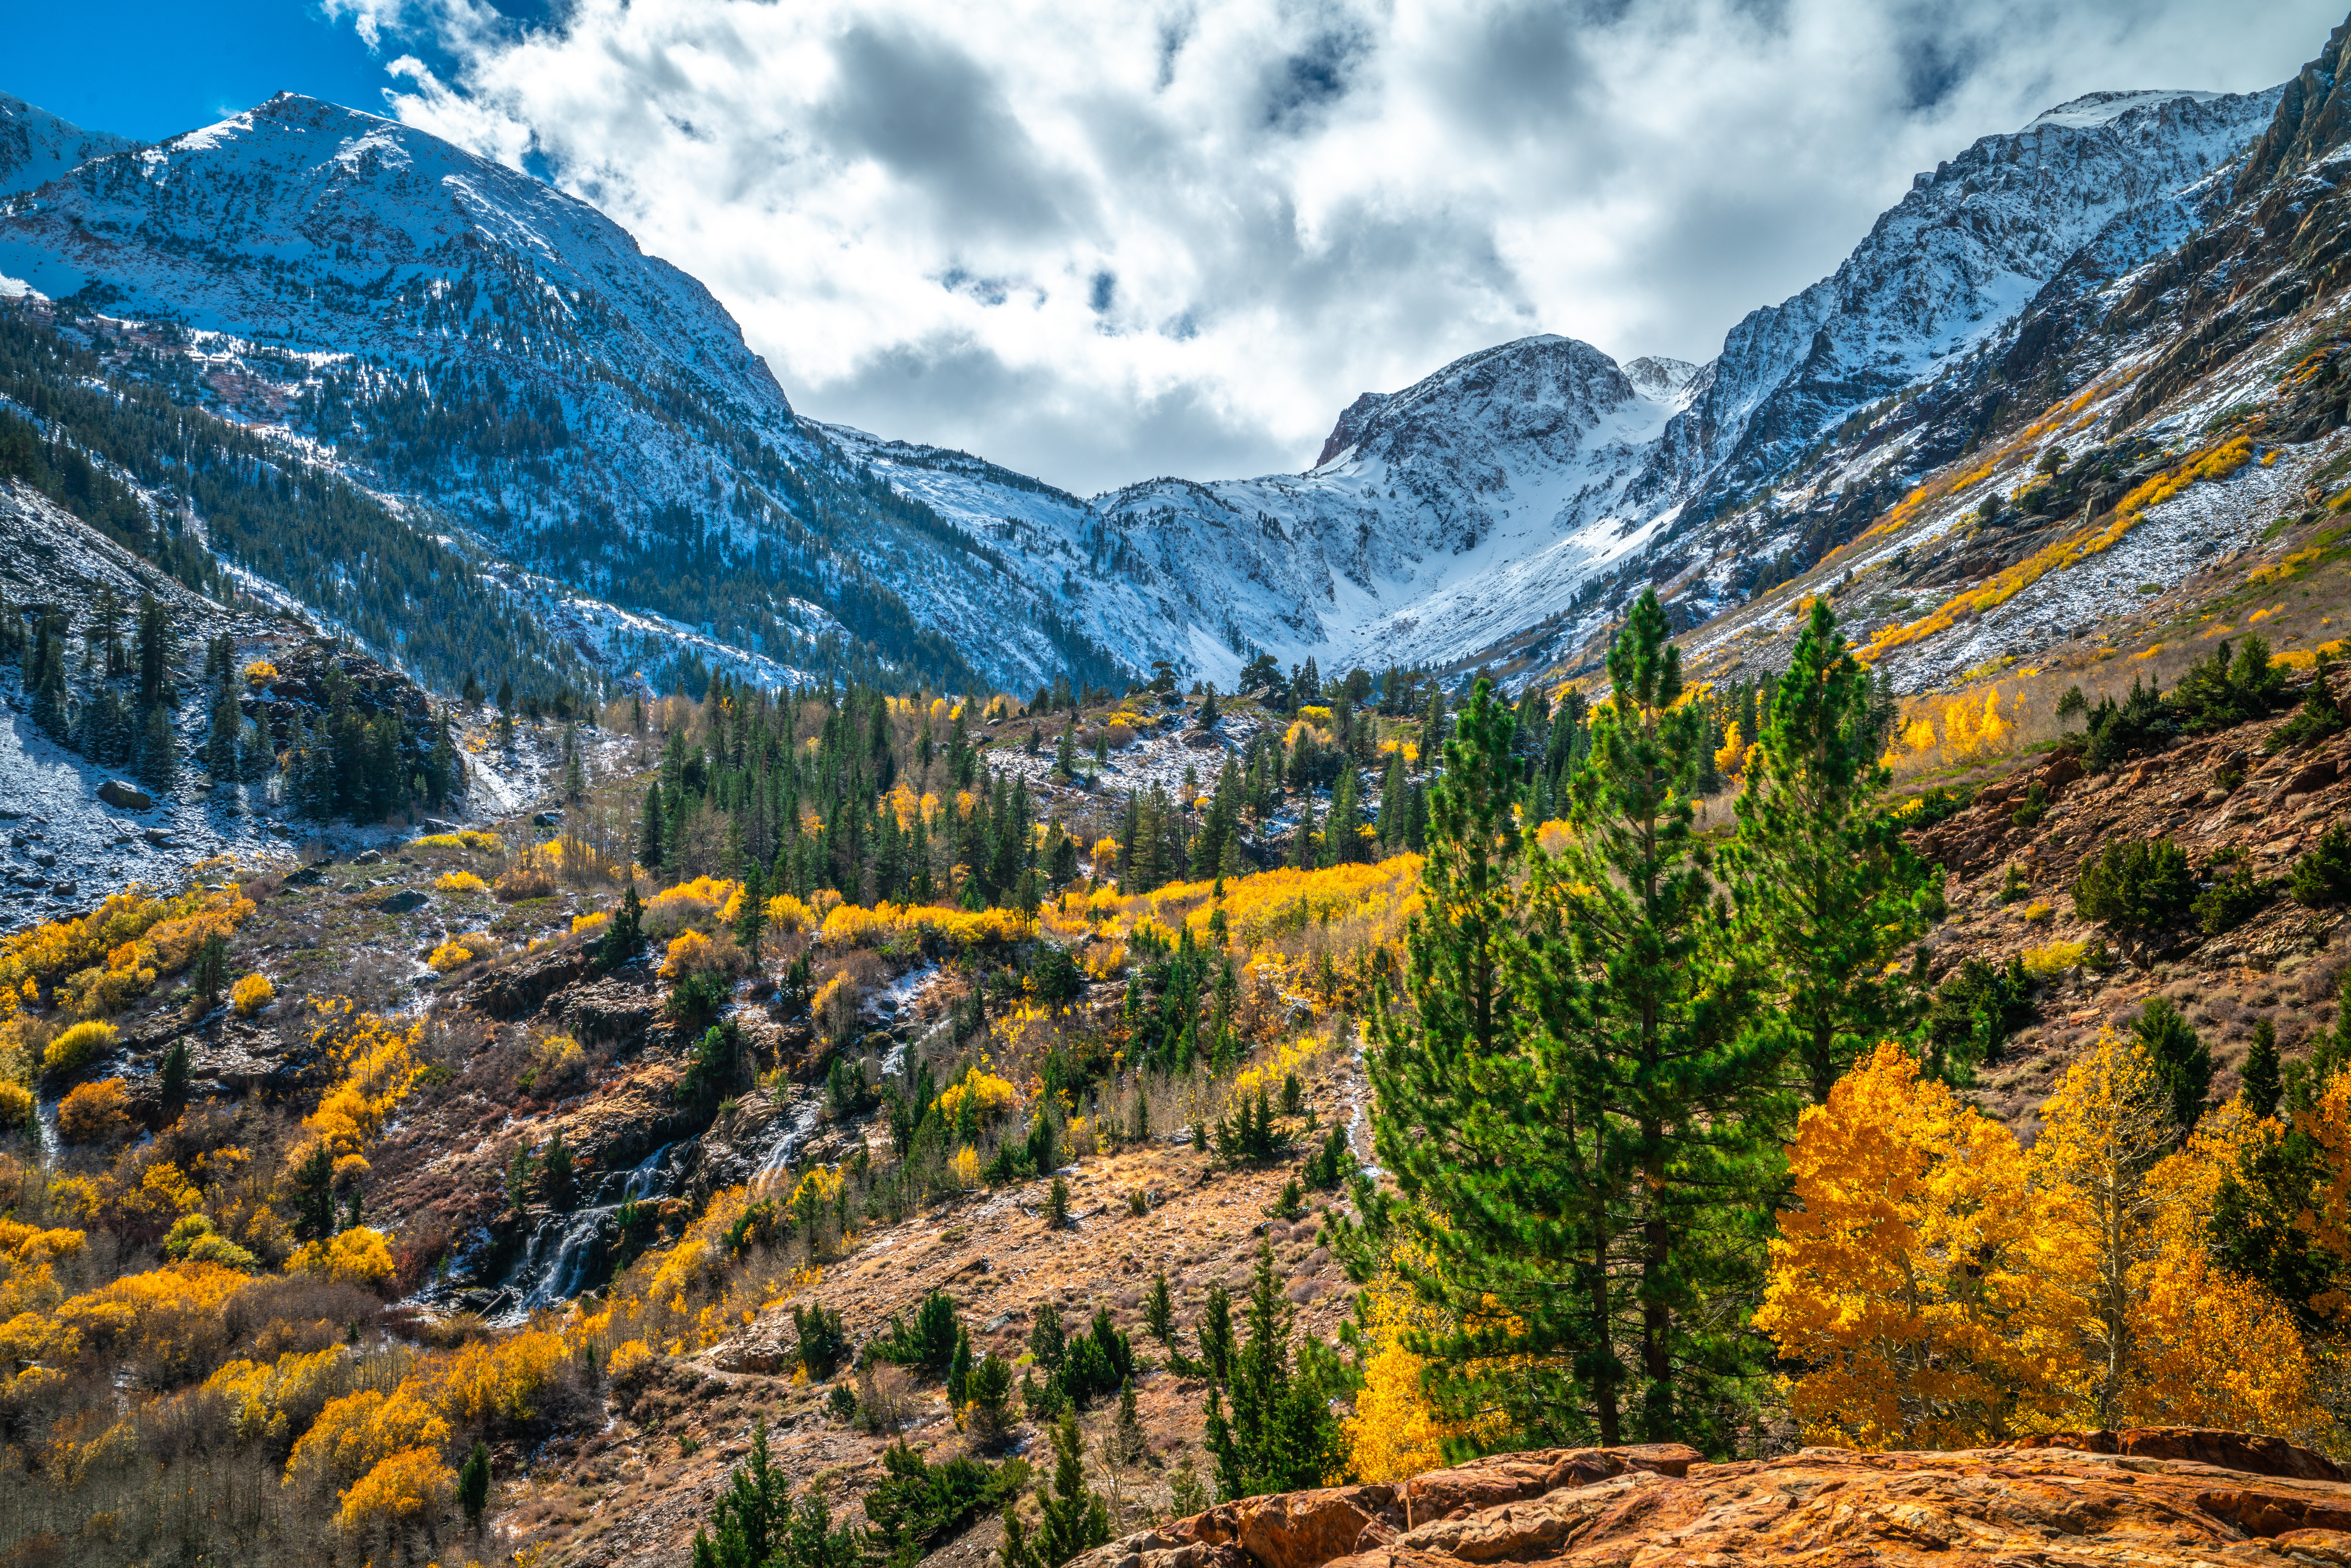 Обои для рабочего стола калифорнии штаты Lundy Canyon Горы осенние Природа облако 5120x3415 Калифорния США америка гора Осень Облака облачно